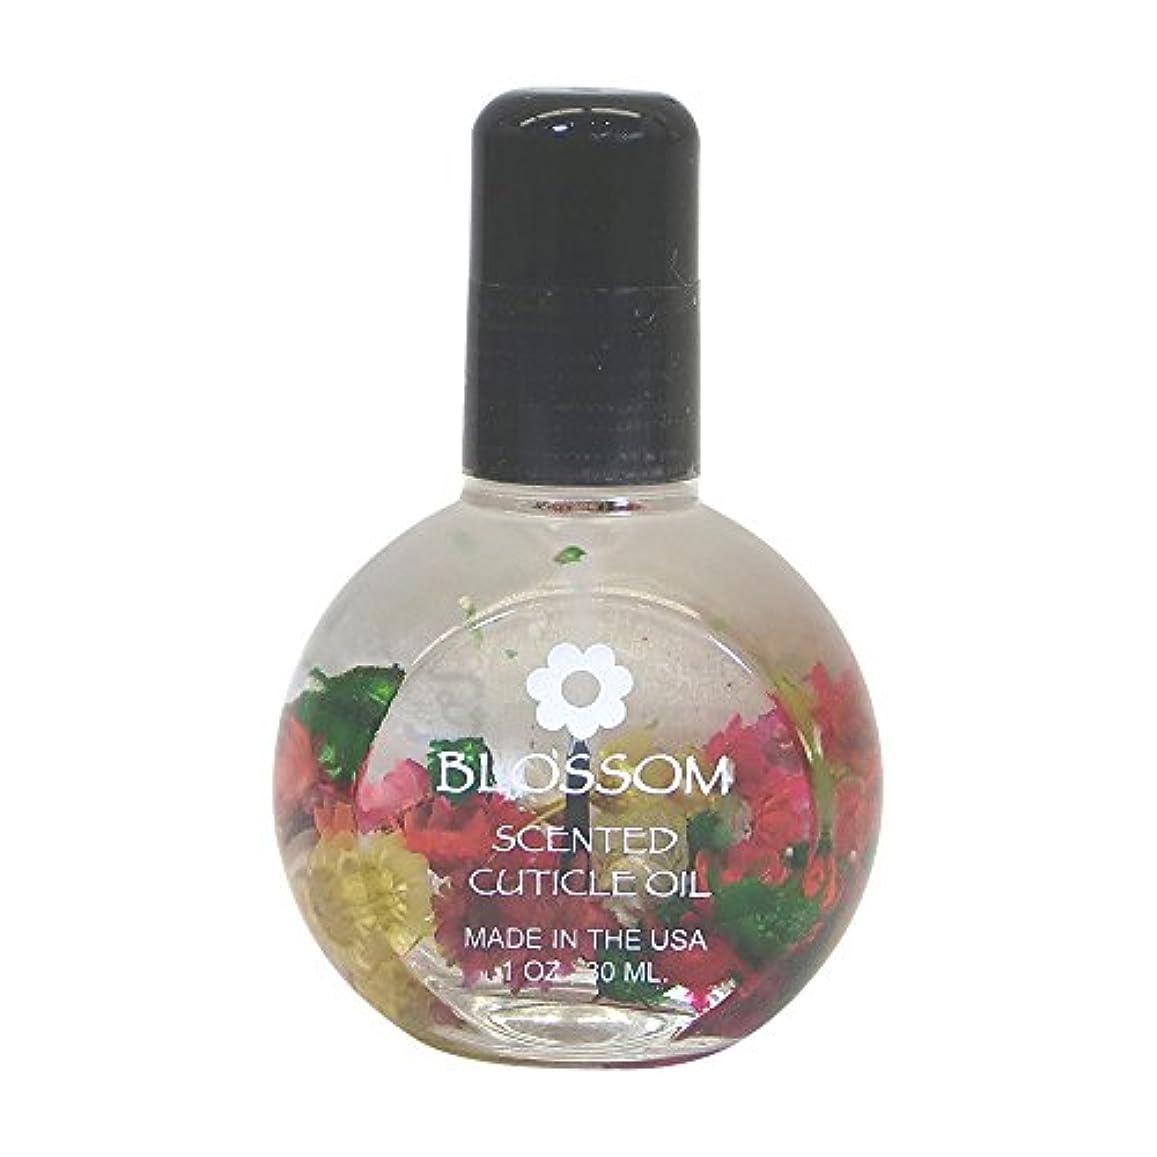 バイバイシーン葉巻Blossom ネイルオイル フラワー ハイビスカス 30ml